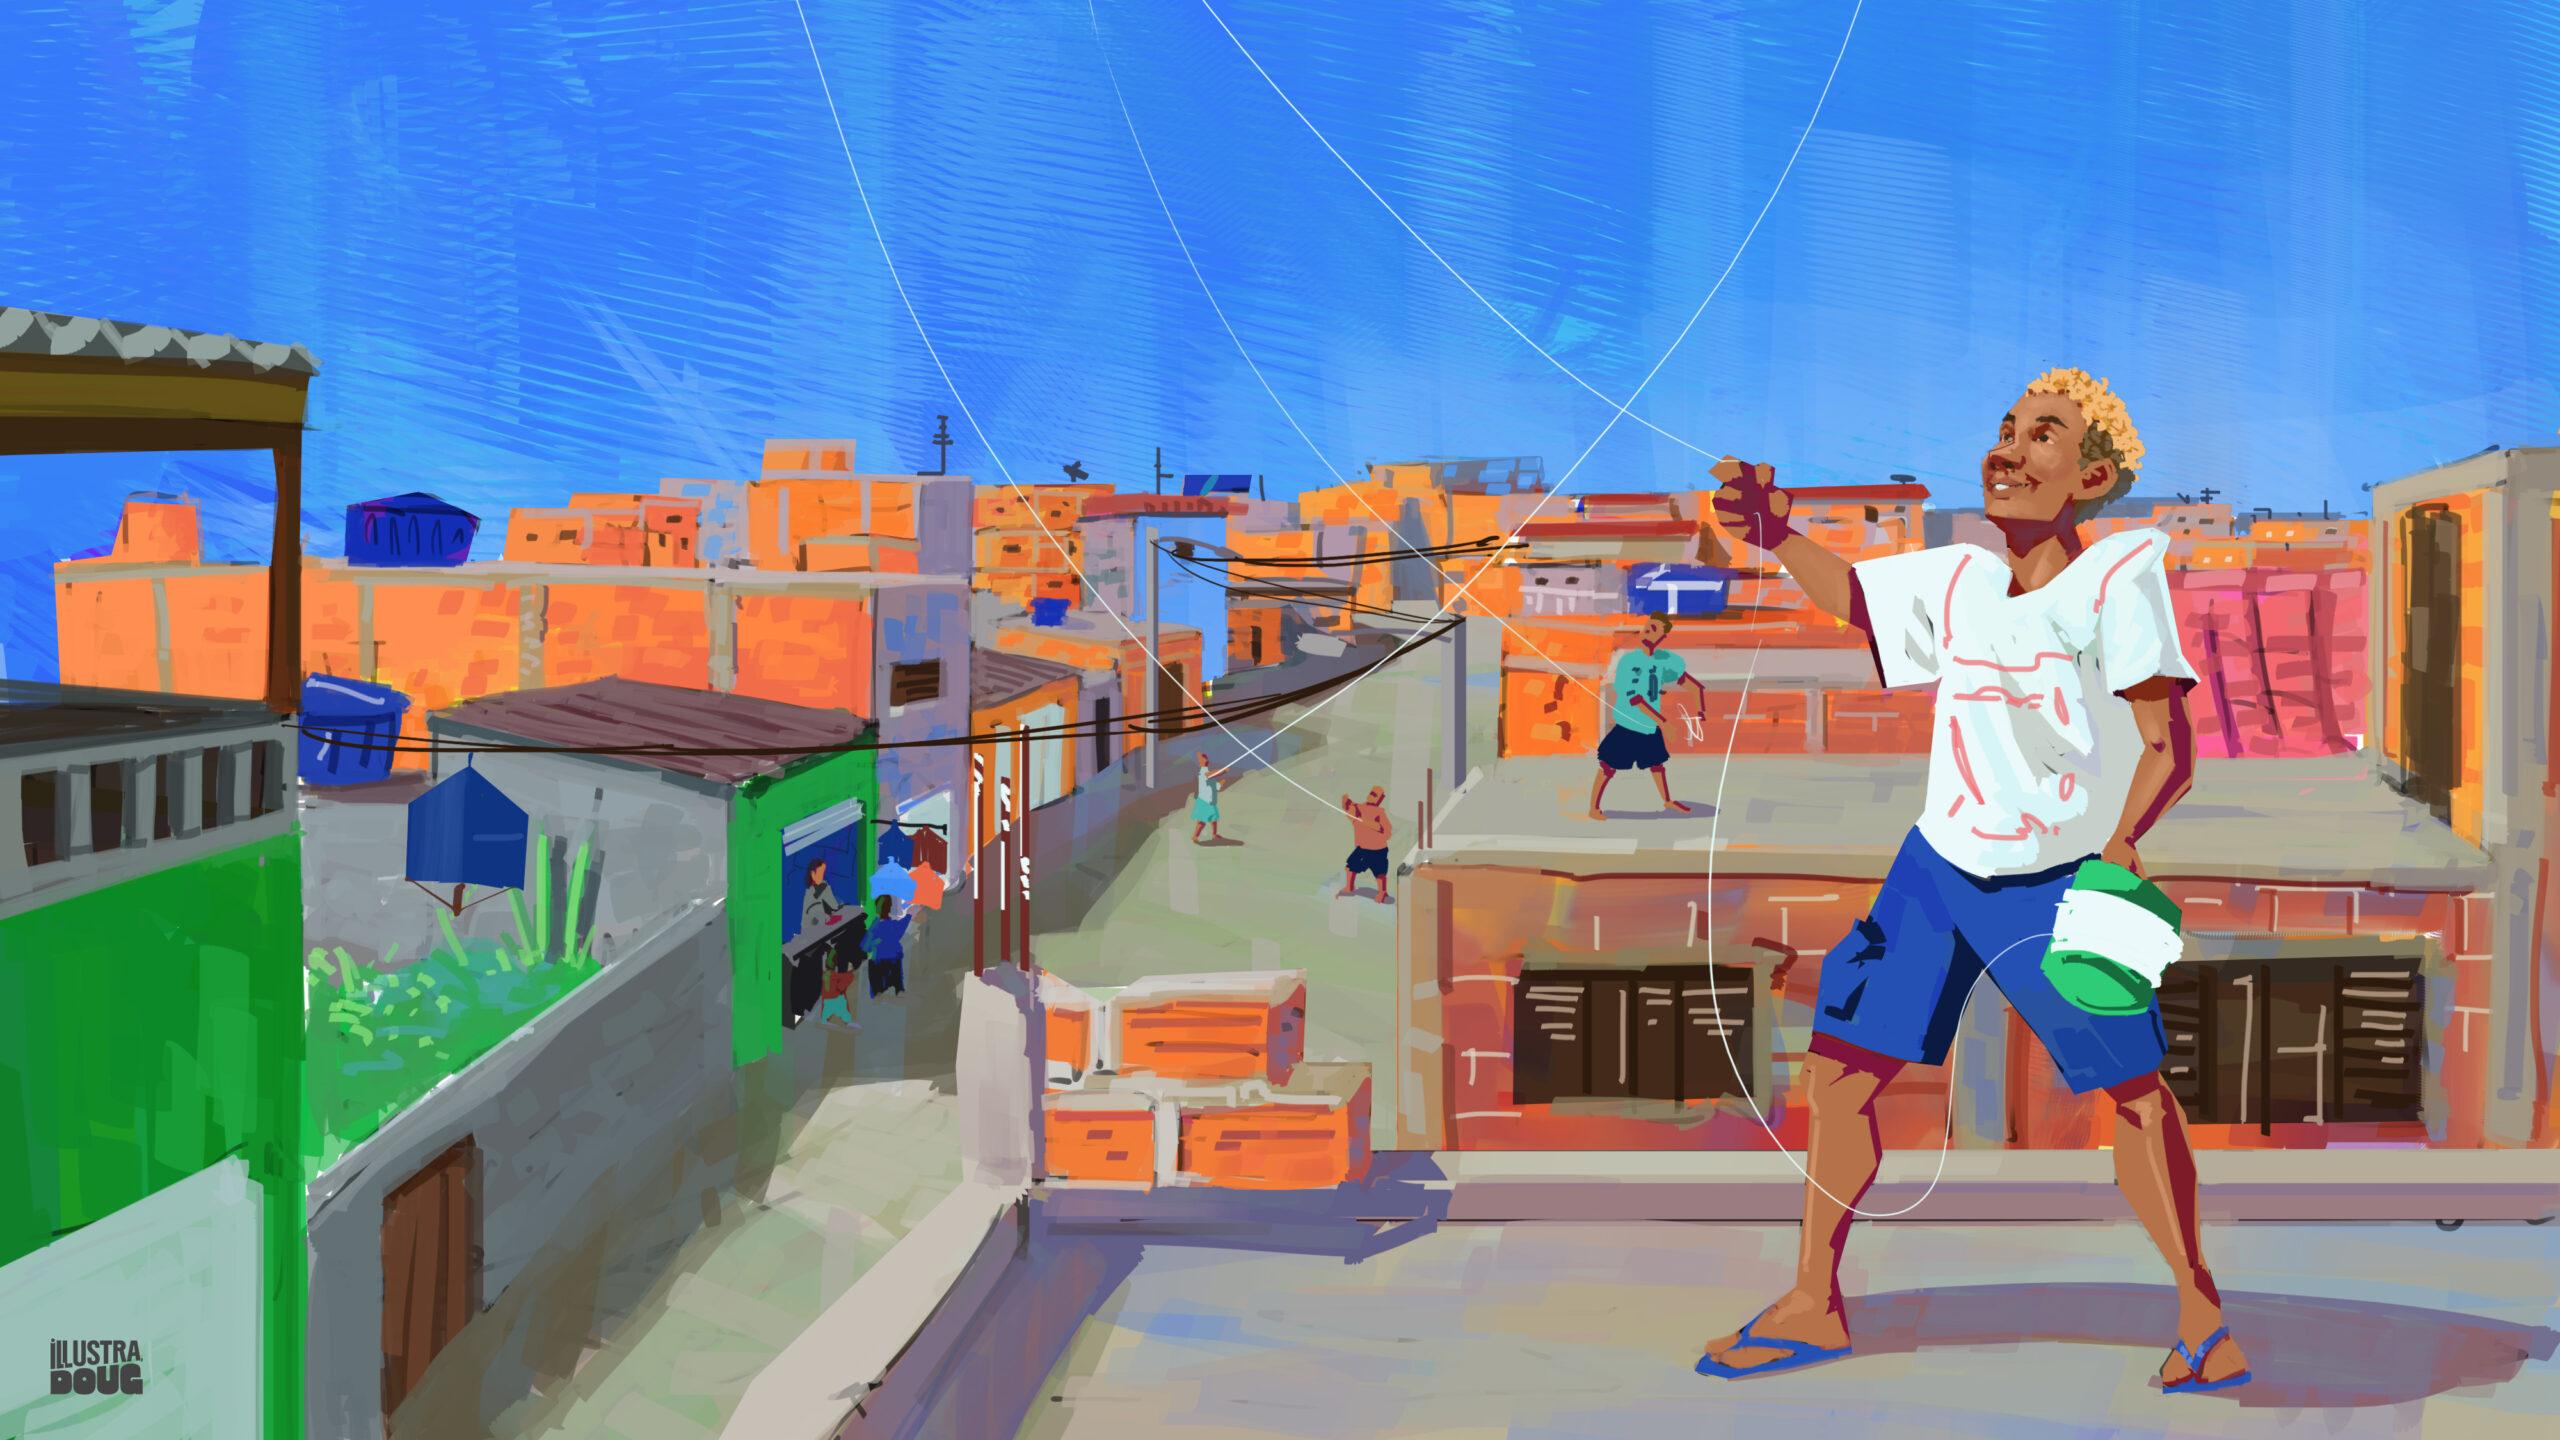 O resgate das pipas na favela: isolamento social faz com que pipeiros retornem à ativa